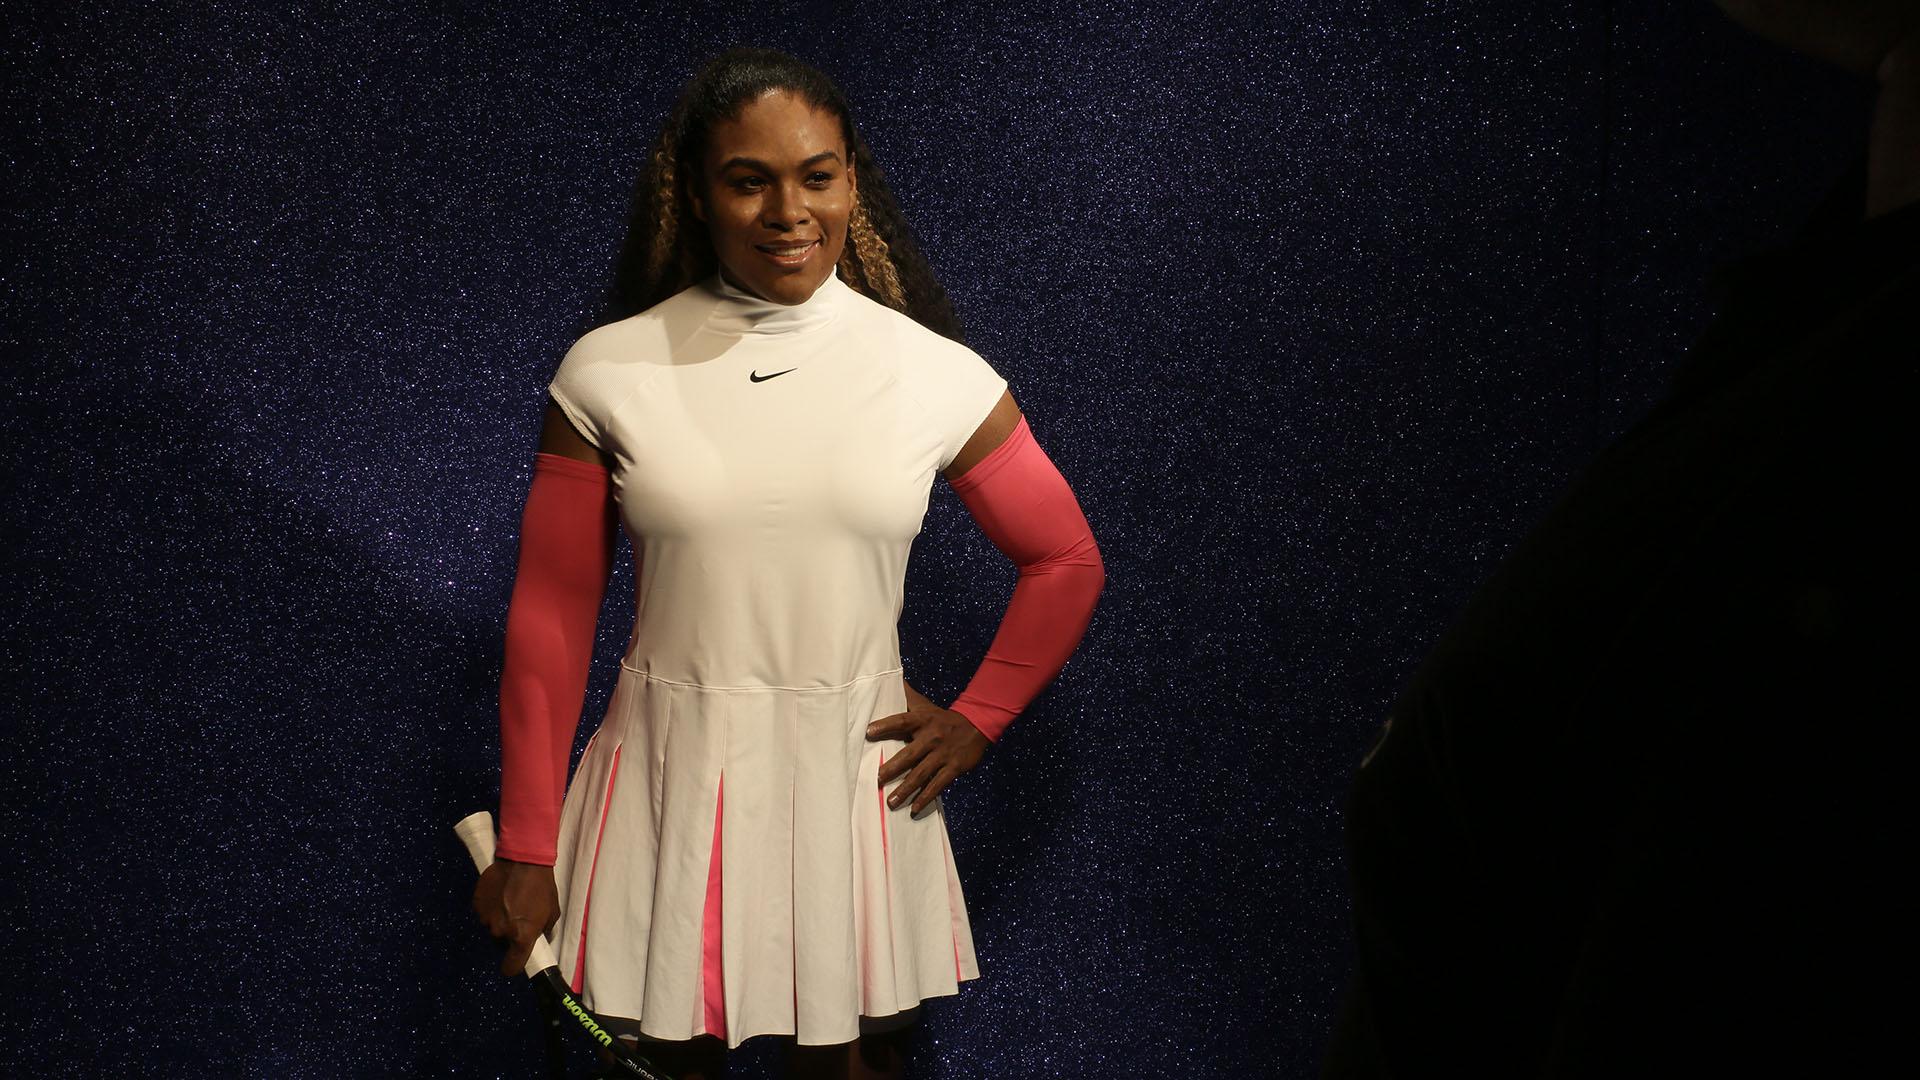 Statue del giocatore di tennis umano di alta qualità per Serena Williams